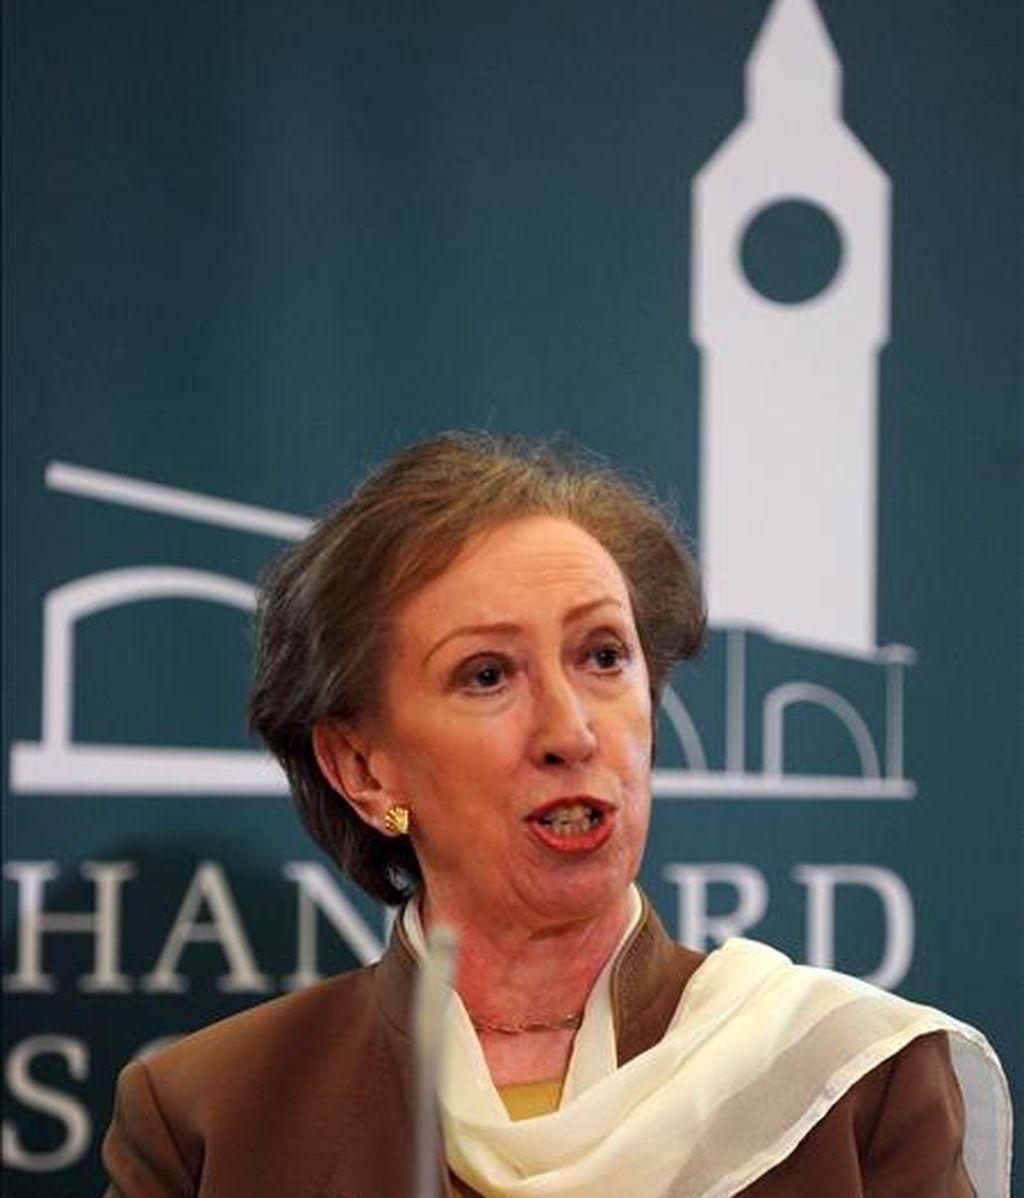 La ex ministra de Asuntos Exteriores, Margaret Beckett, pronuncia un discurso durante la campaña de los candidatos a presidir la Cámara de los Comunes británica, organizada por la Hansard Society en Londres, el pasado 15 de junio. EFE/Archivo